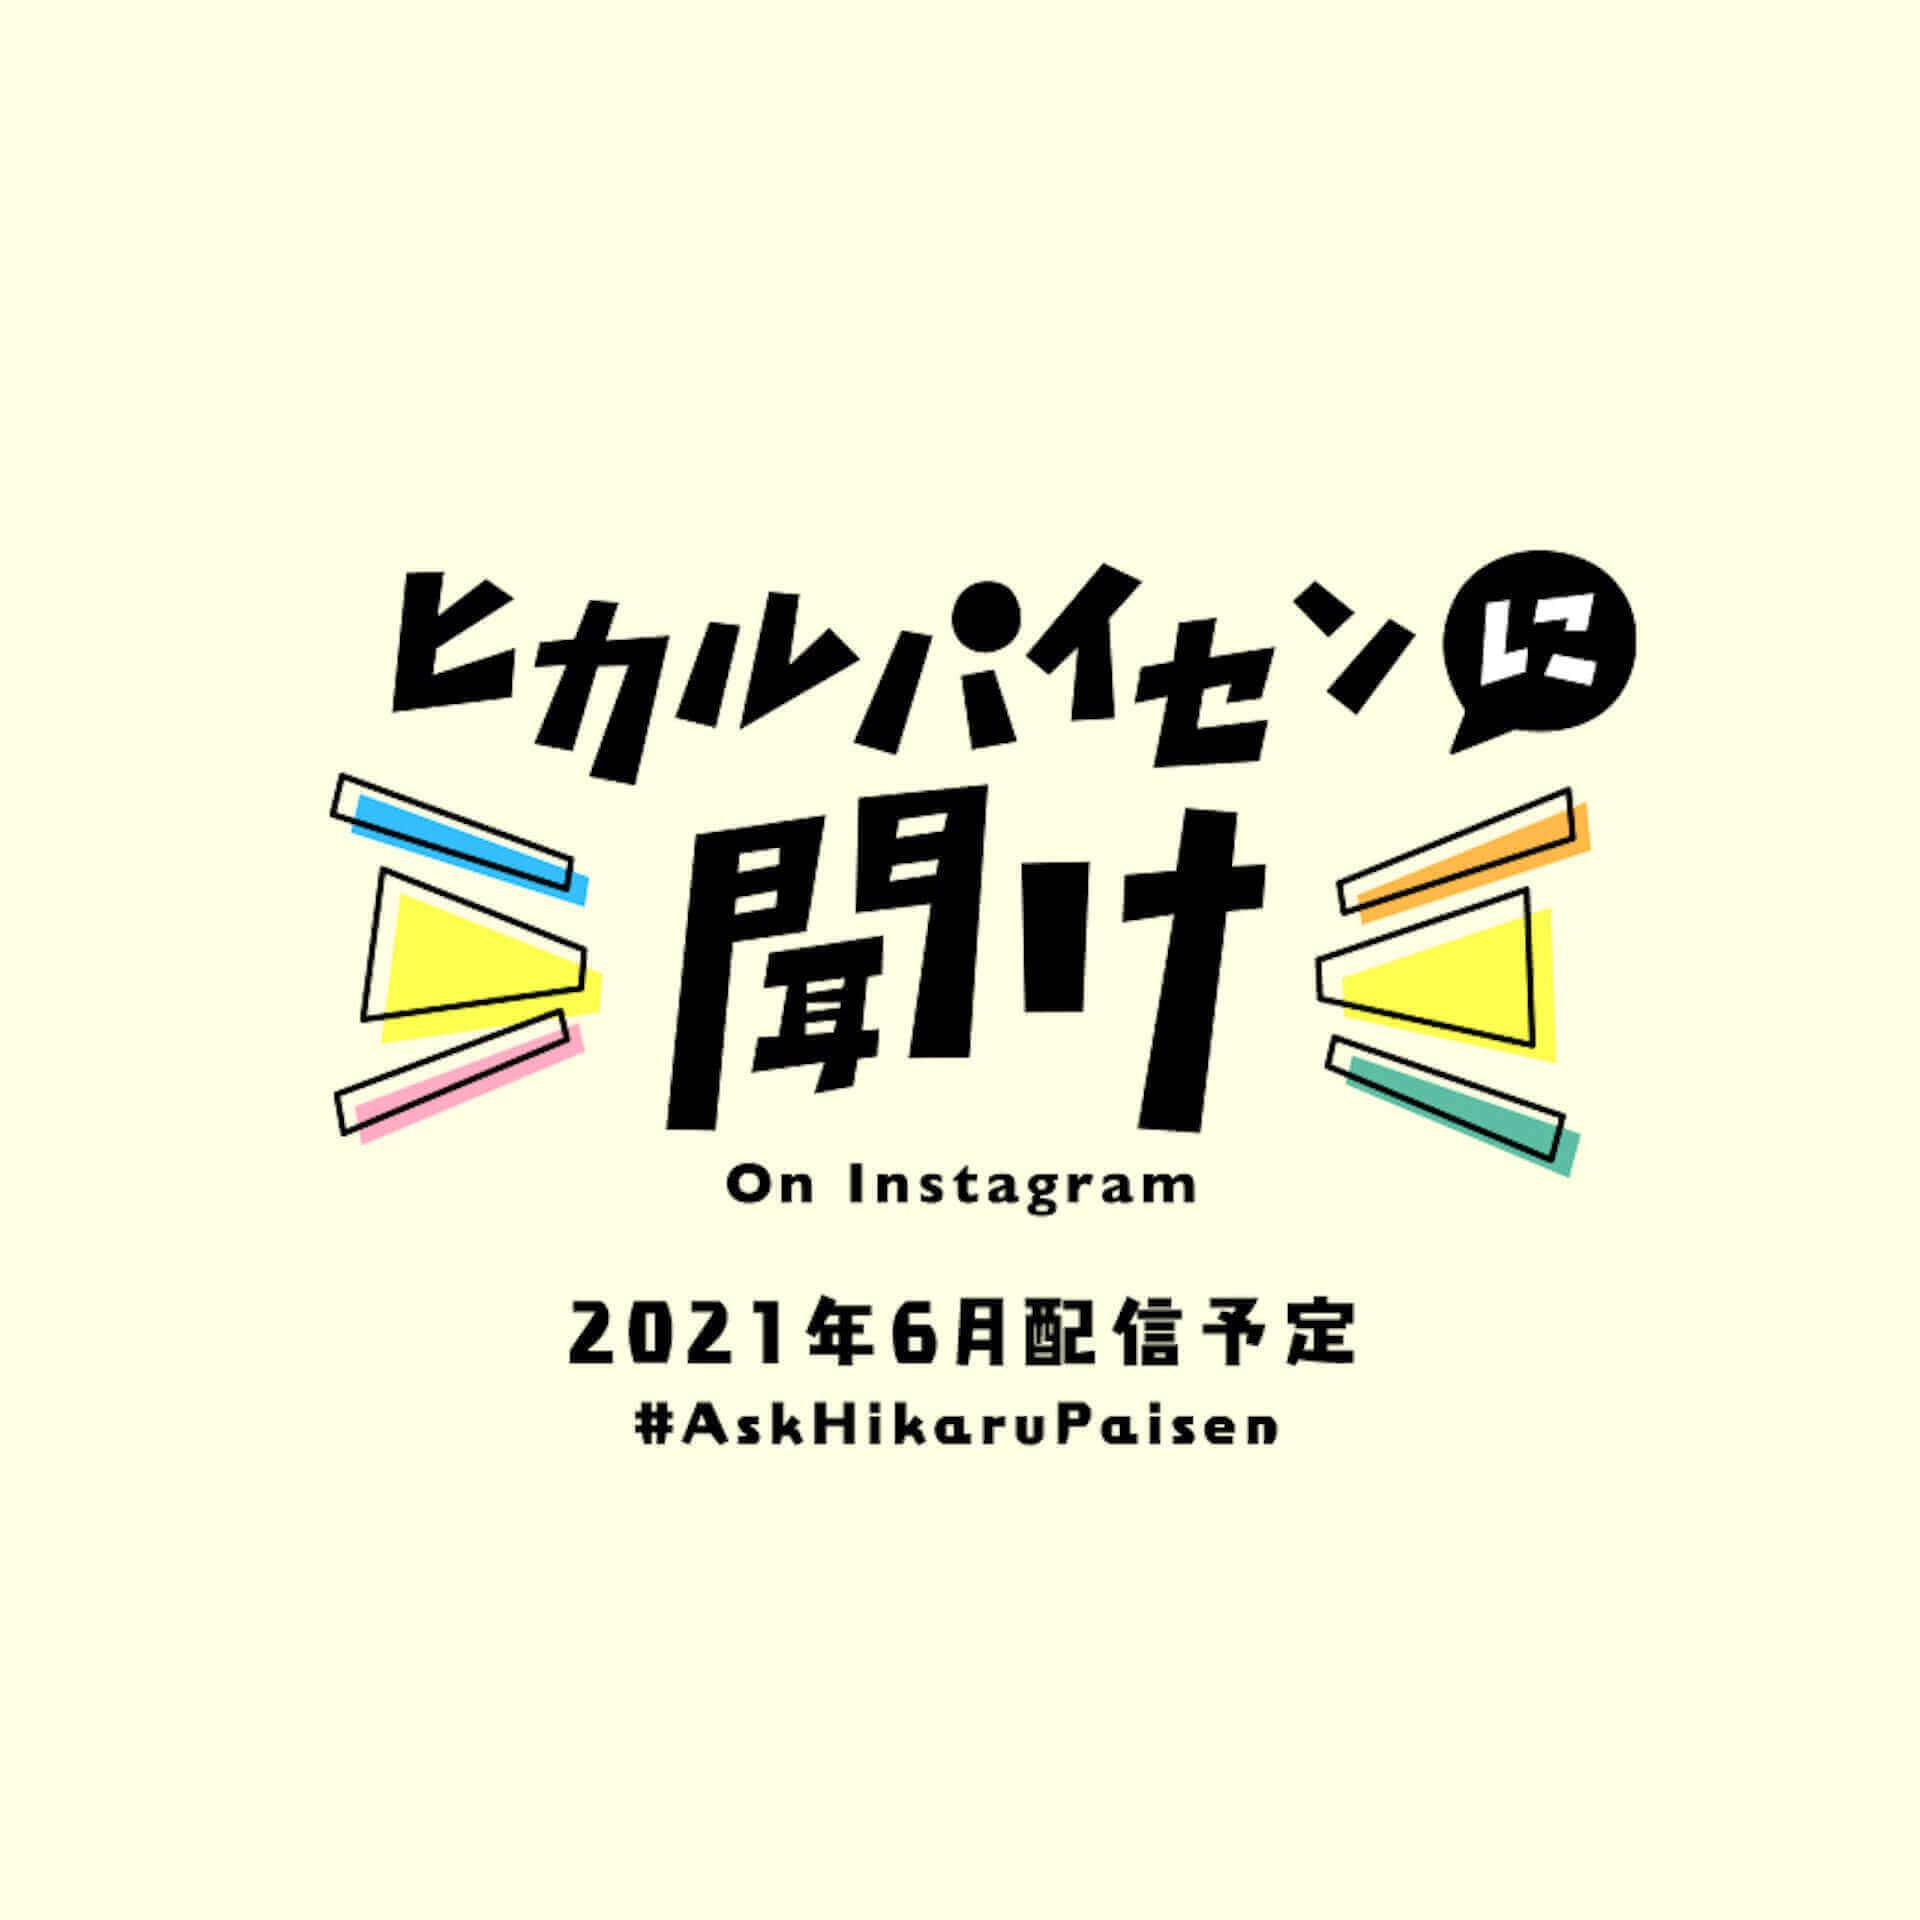 """宇多田ヒカルの人気企画「HIKARU UTADA Live TOP FAN PICKS」が今年も開催決定!""""PINK BLOOD""""のノベルティTシャツがもらえるキャンペーンも music210611_utadahikaru_pinkblood_5"""